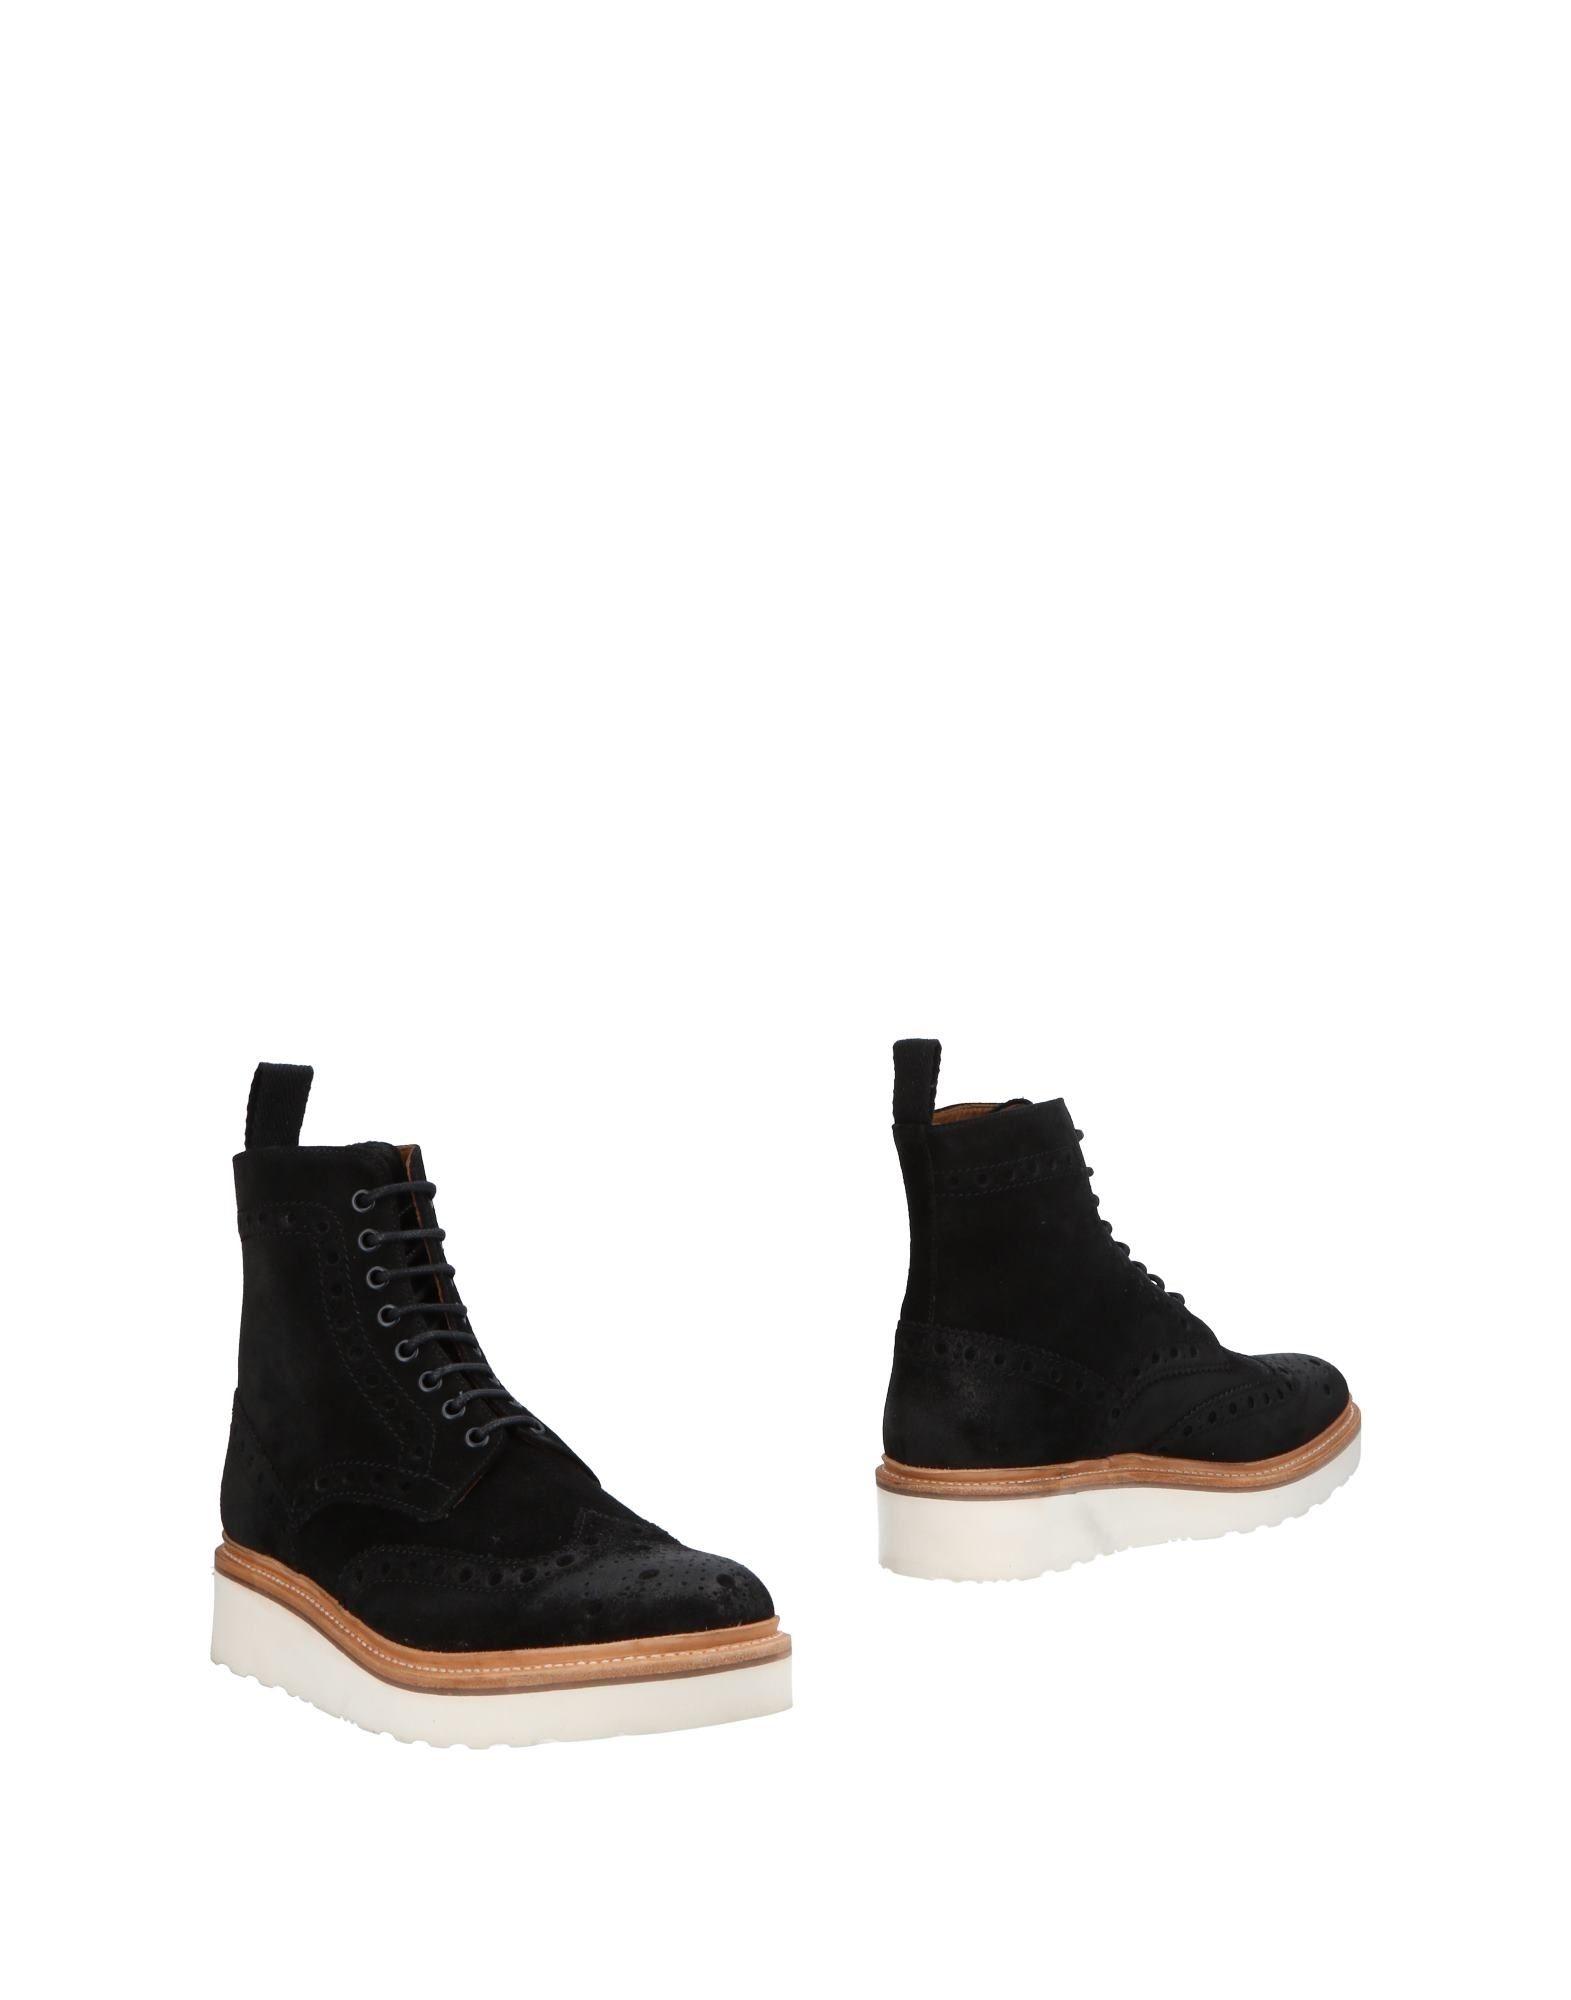 Grenson Stiefelette Herren  11506984FH Gute Qualität beliebte Schuhe